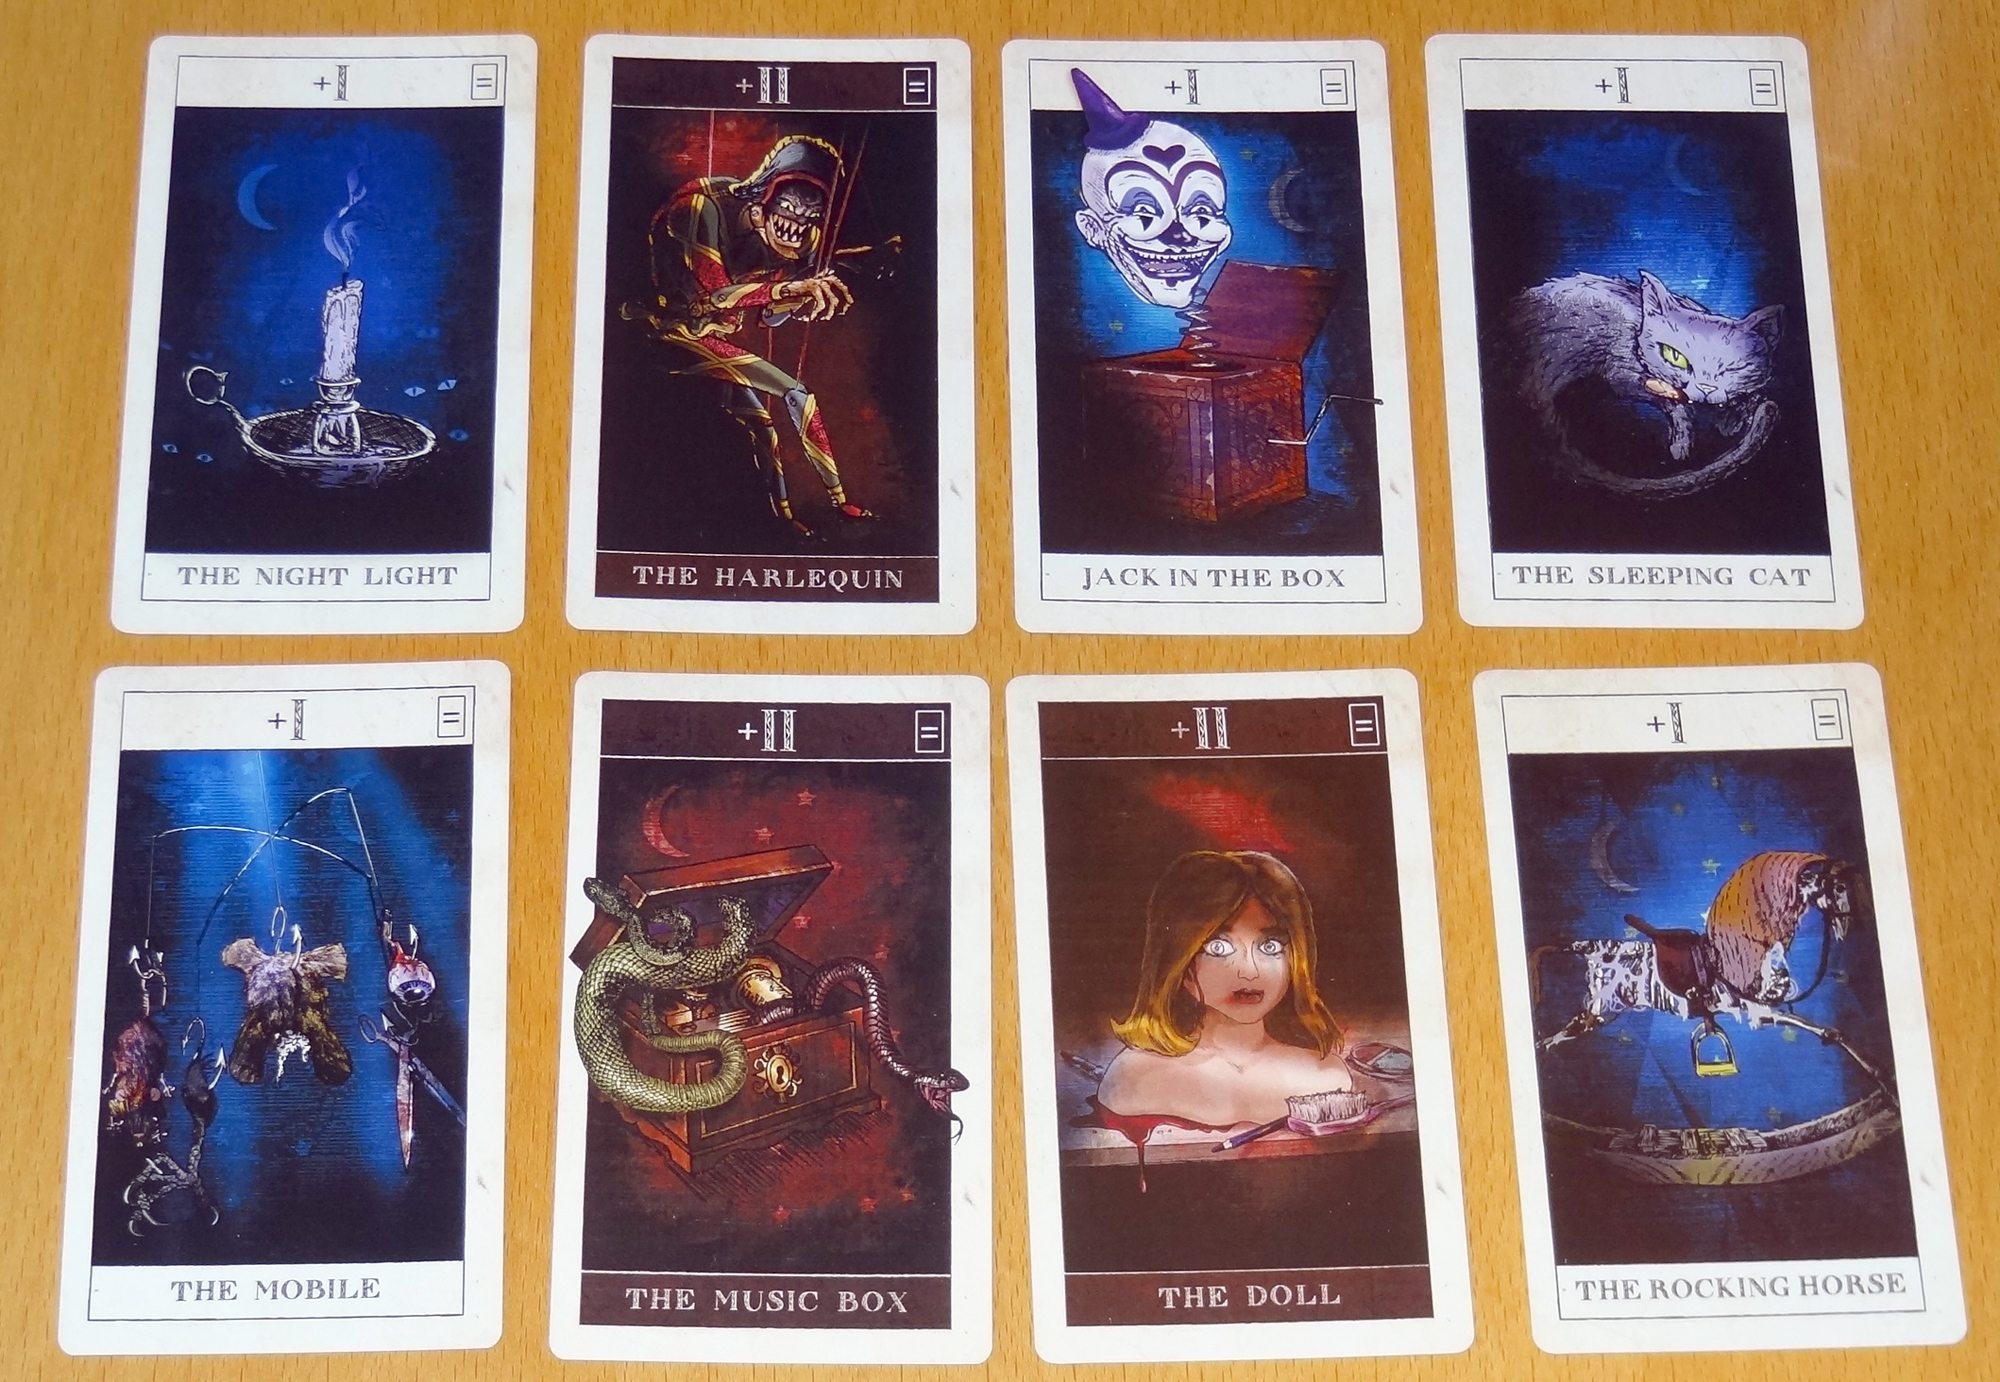 Pleasant Dreams cards